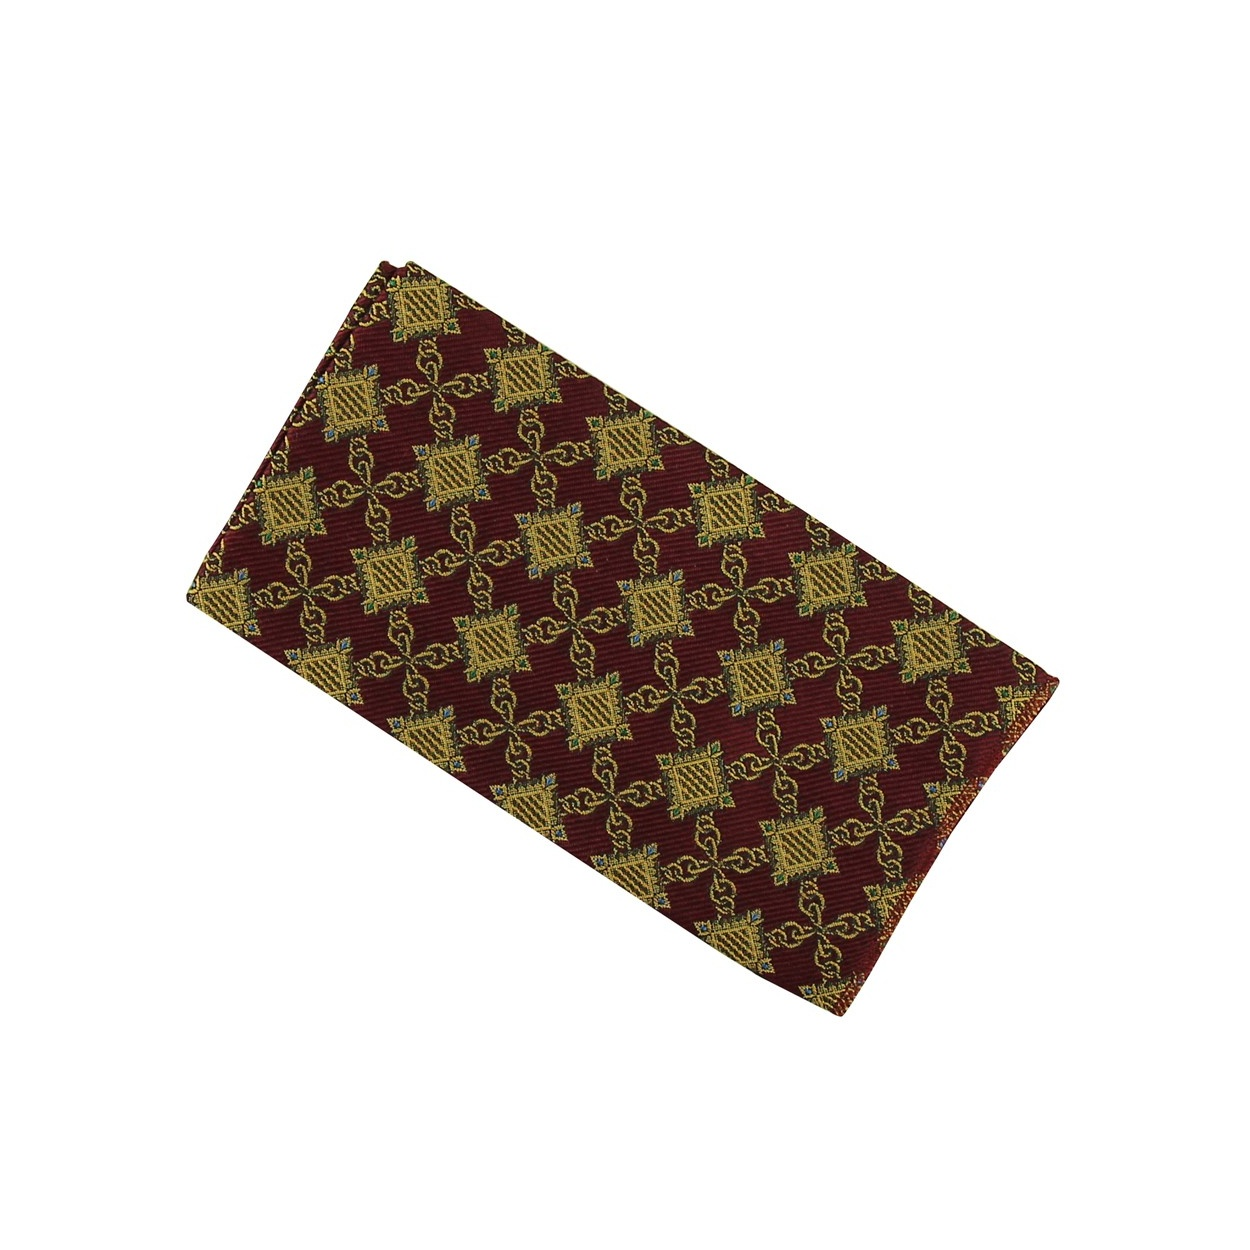 Vínově červený pánský kapesníček do saka se zlatými aplikacemi